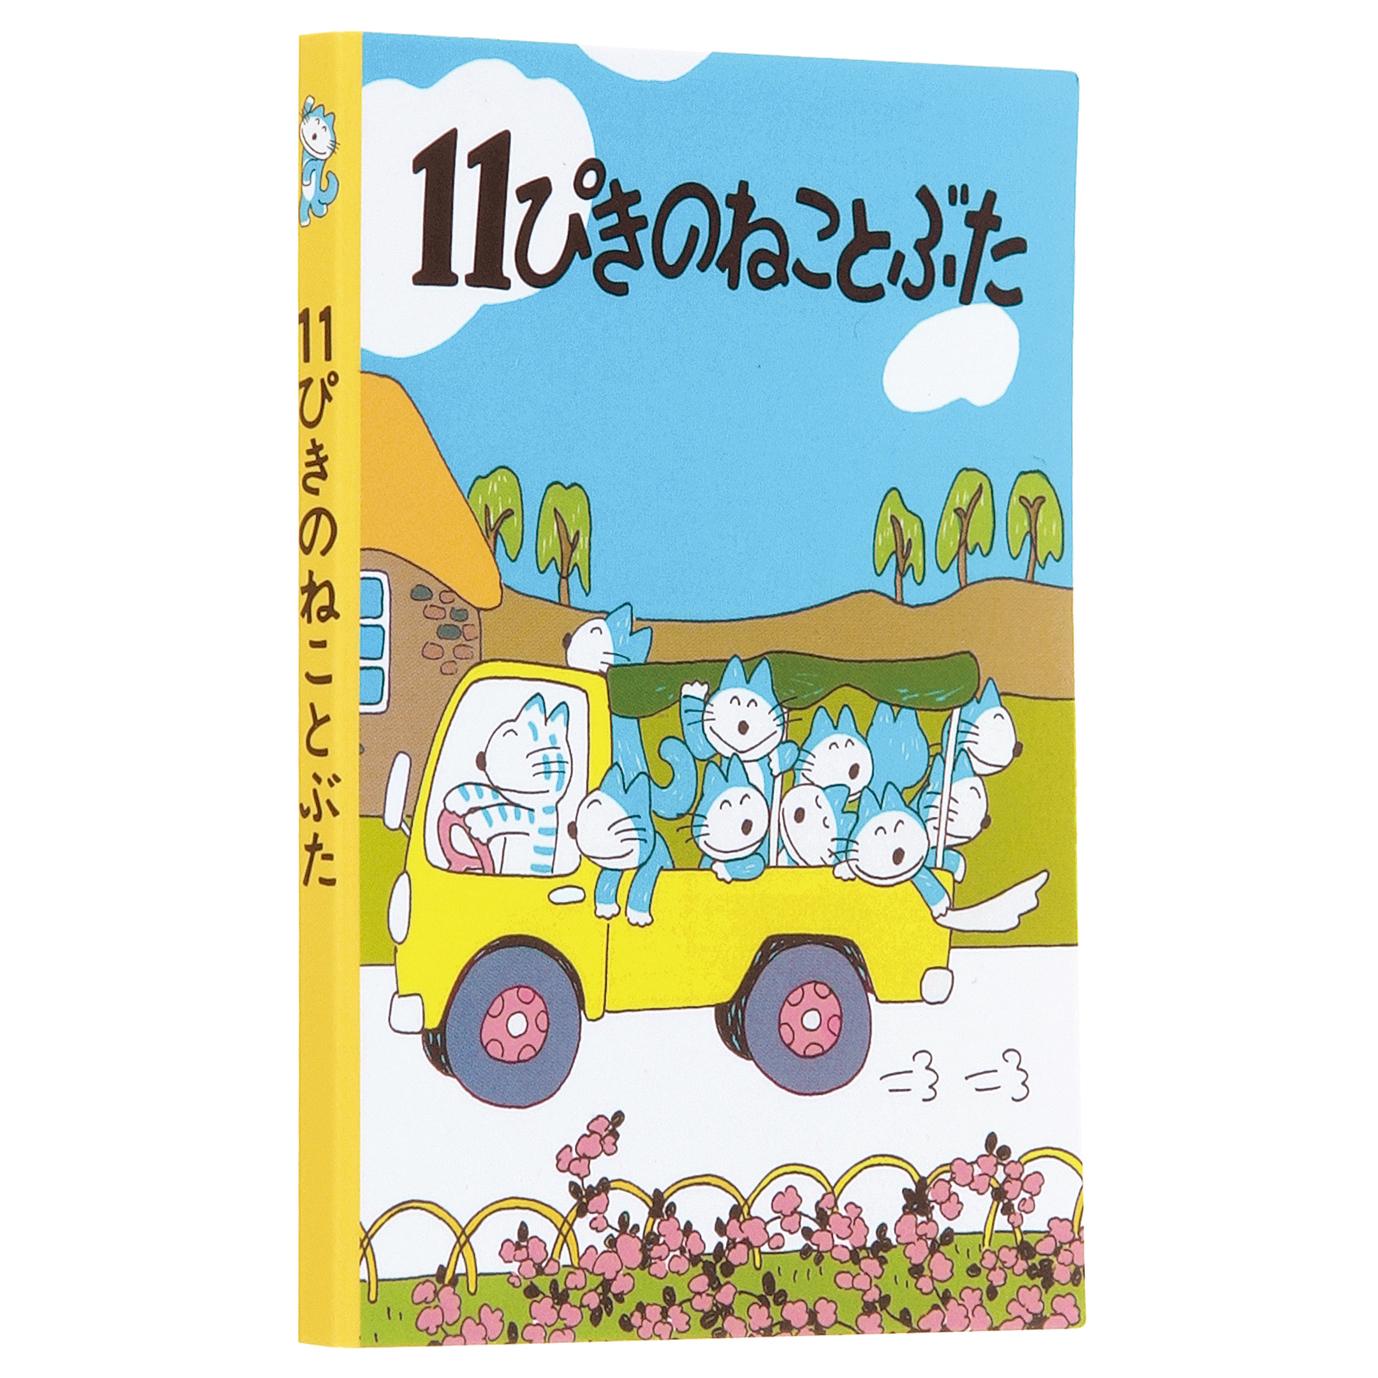 11ぴきのねこ 馬場のぼる<br> ブック型付箋(トラック)